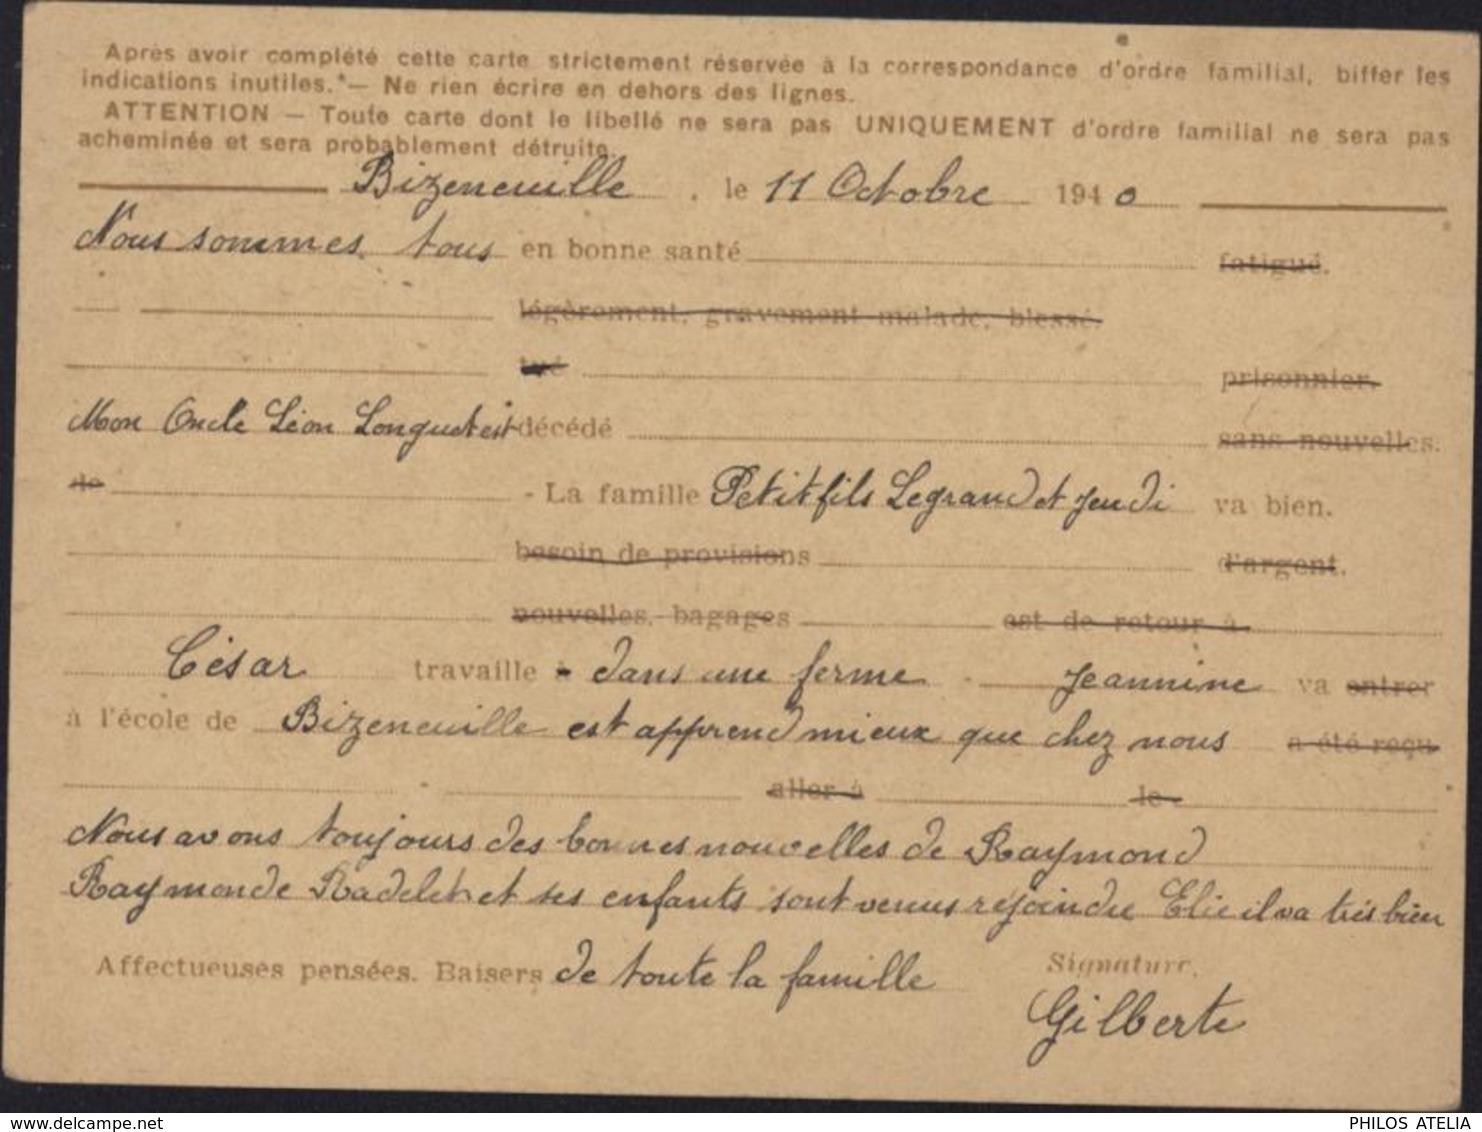 Entier Iris Carte Postale Interzone Valeur 0.9 Emise Par Réfugié CAD Perlé Bizeneuille 12 10 40 Guerre 39 45 - Marcophilie (Lettres)